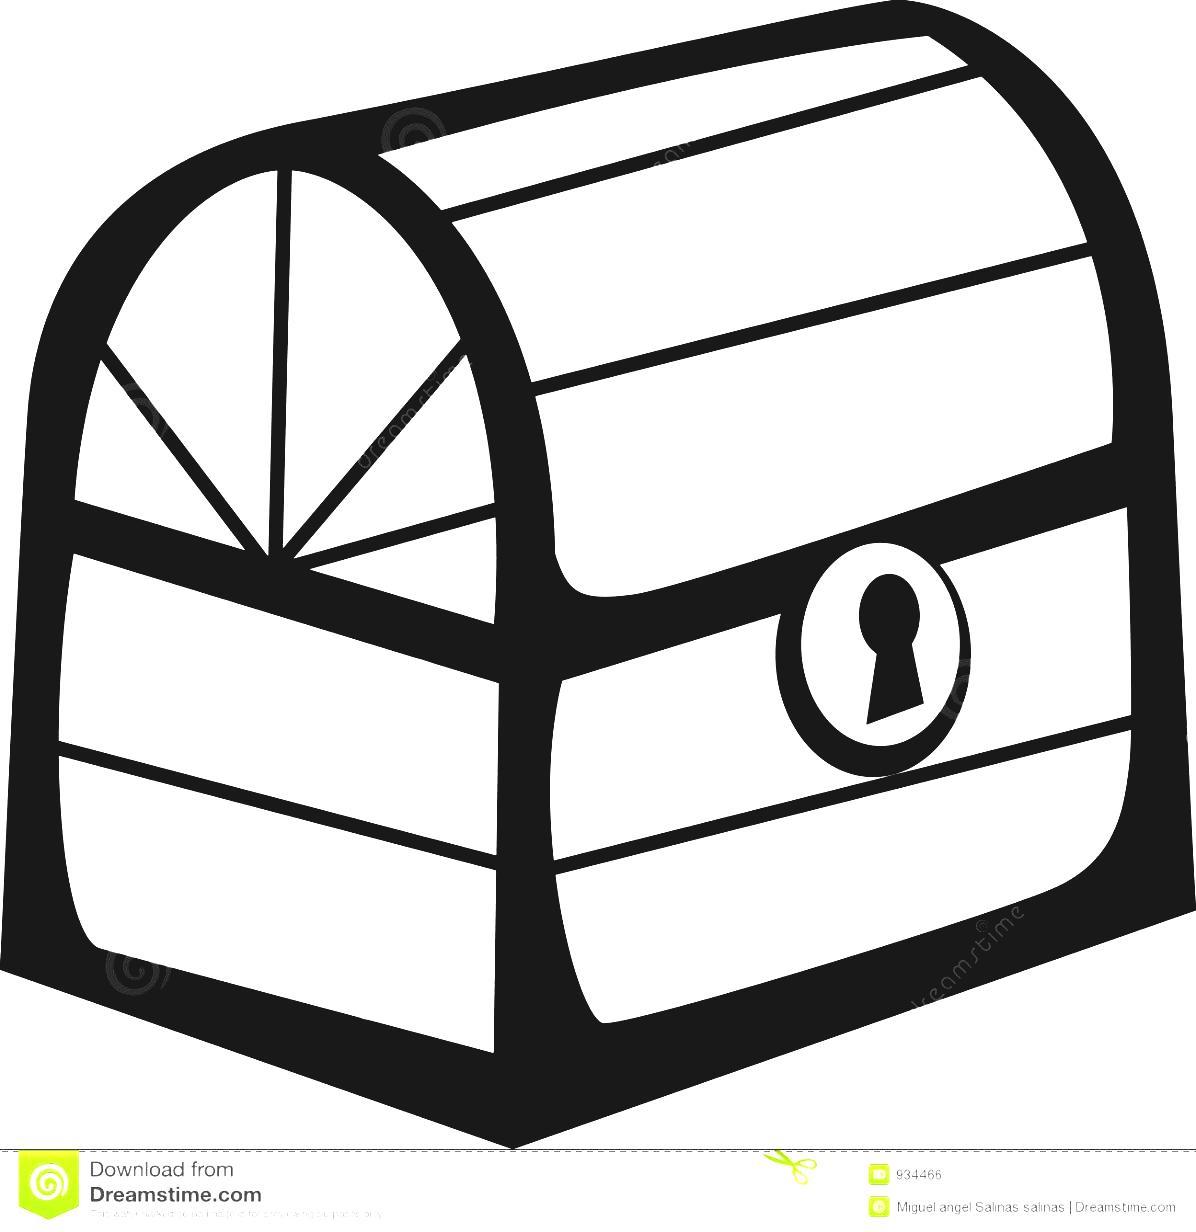 1196x1232 Road Map Symbols Clipart